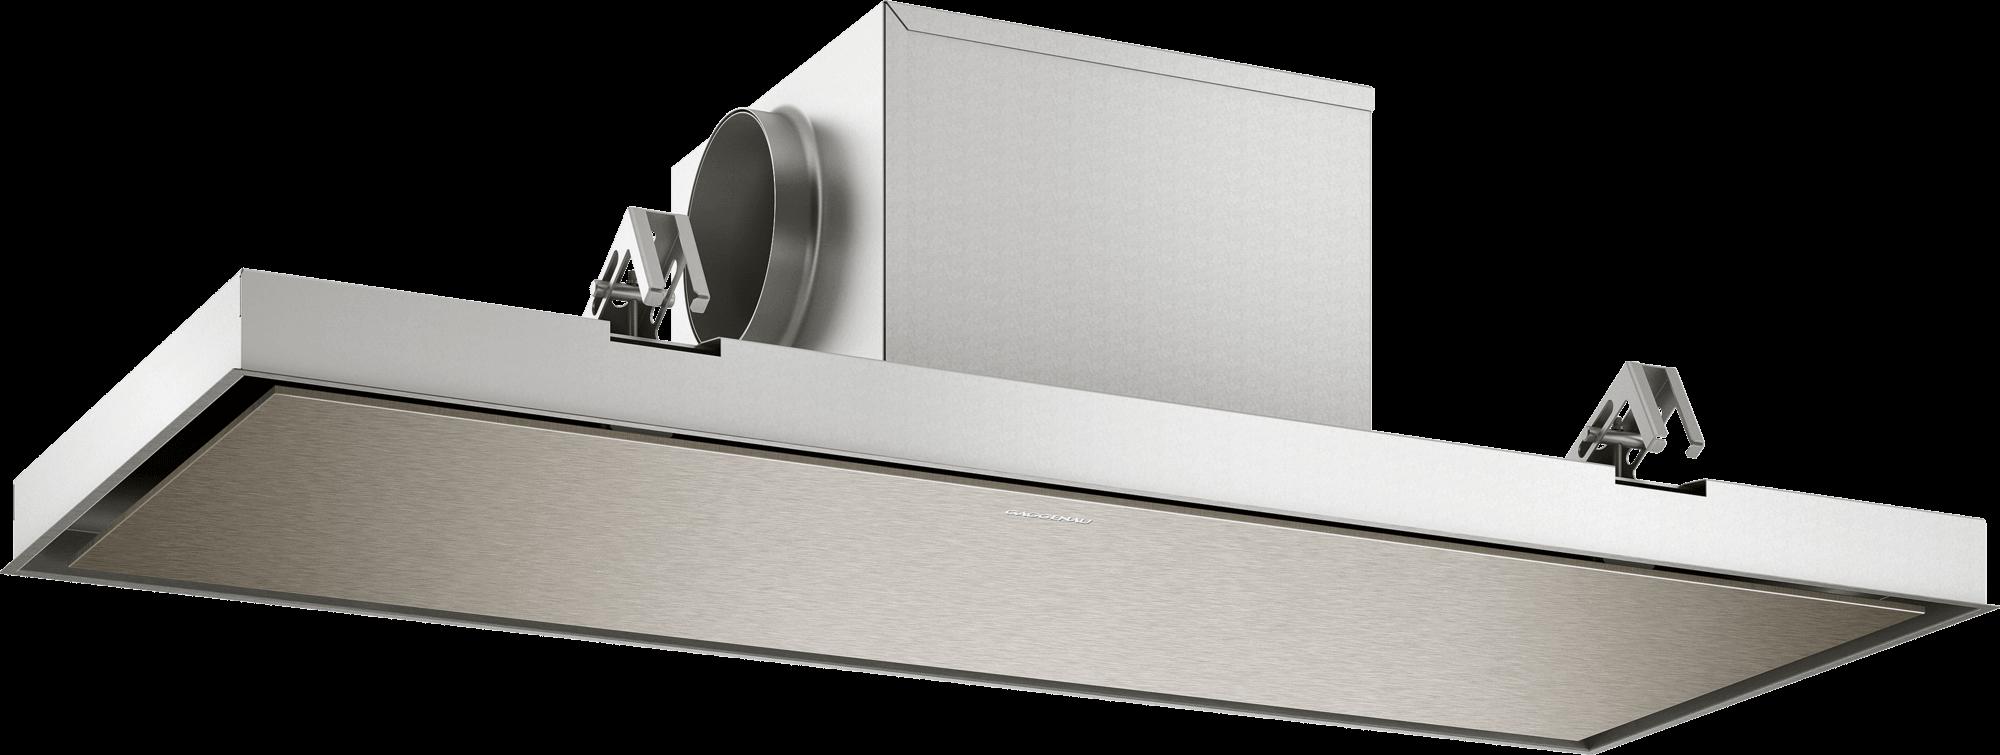 Stropný odsávač pár šírka 120 cm | Gaggenau AC250121 séria 200